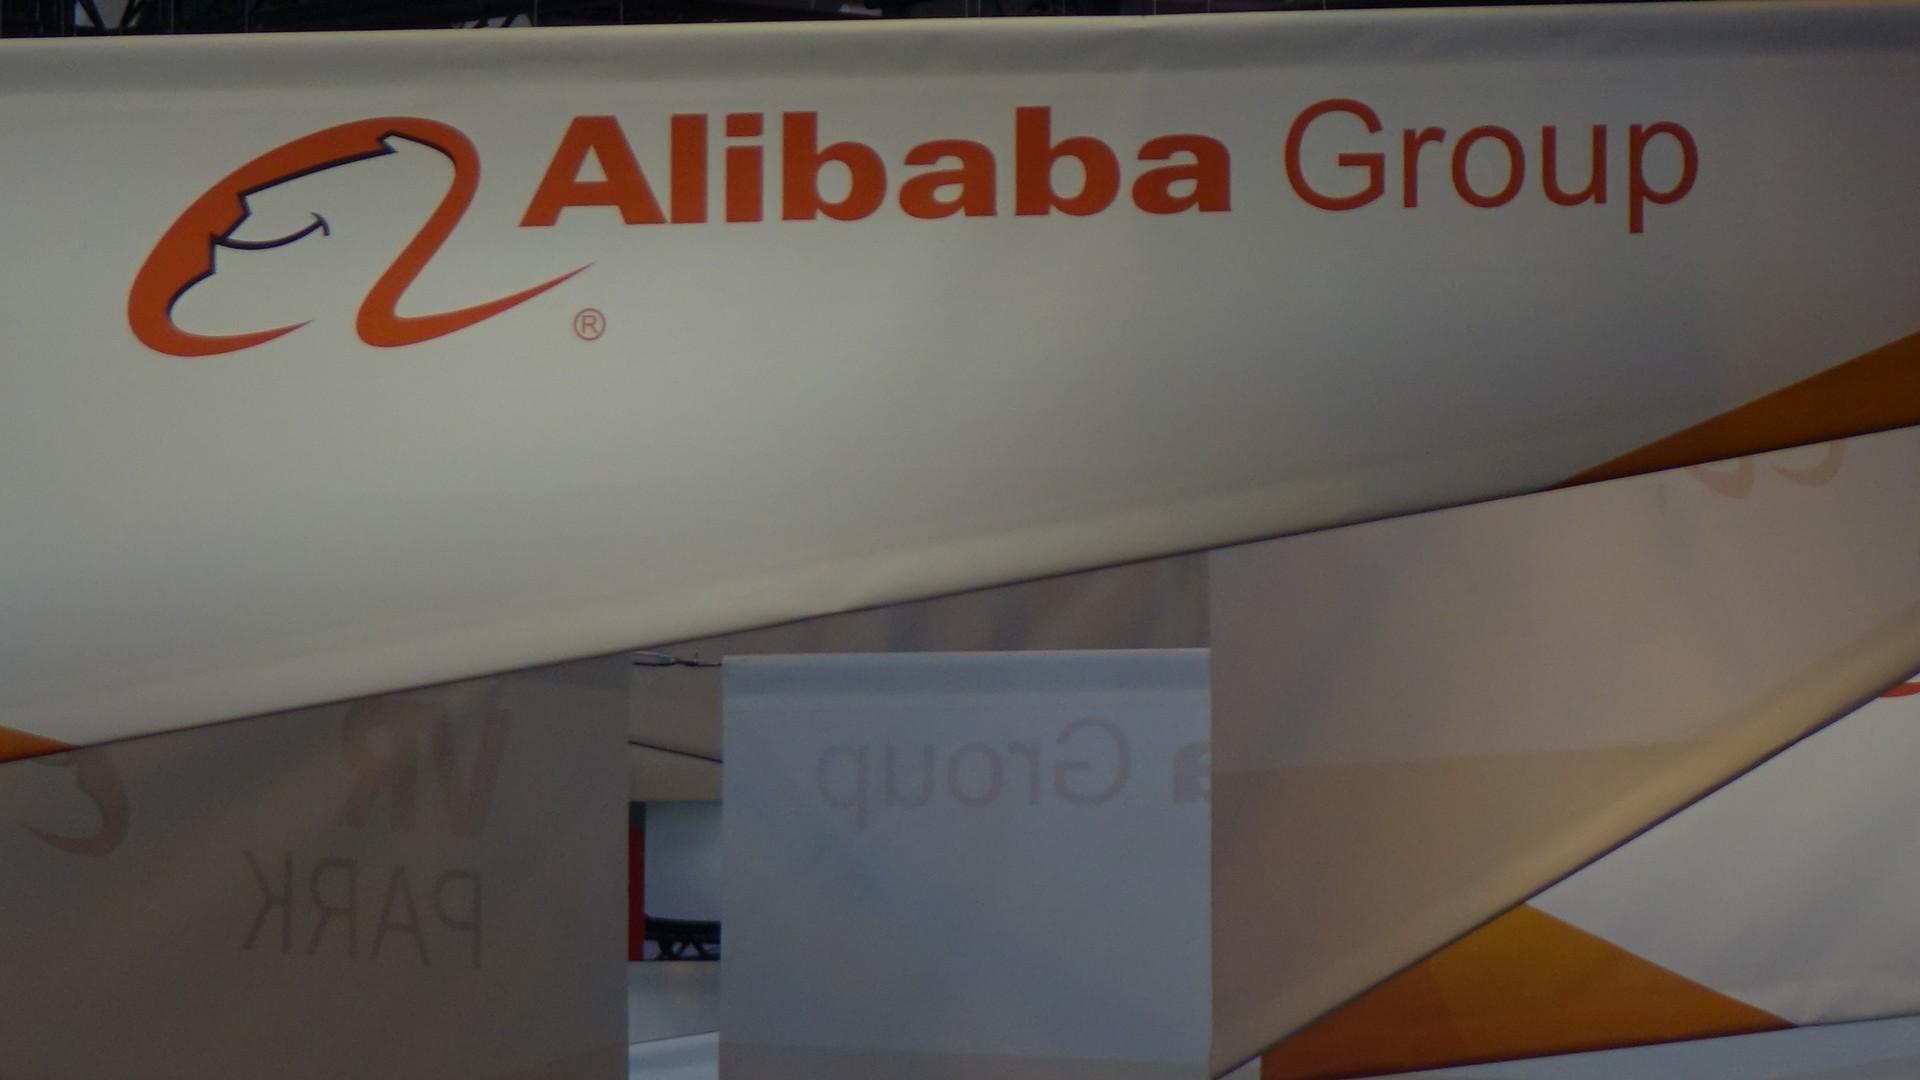 Alibaba (2).